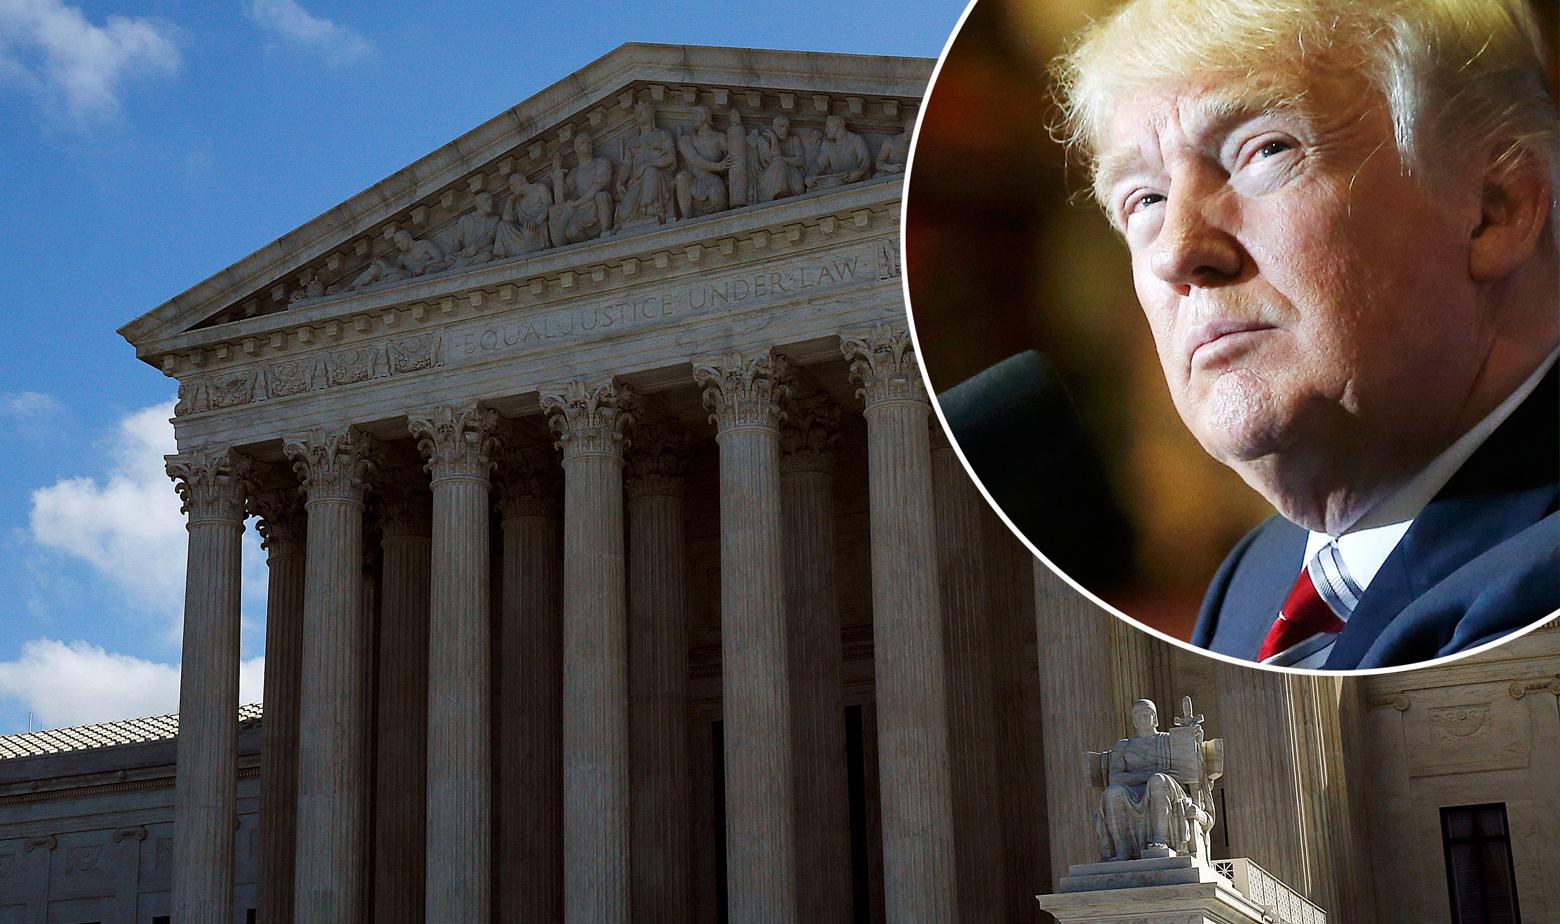 Zgrada Vrhovnog suda SAD-a i Donald Trump